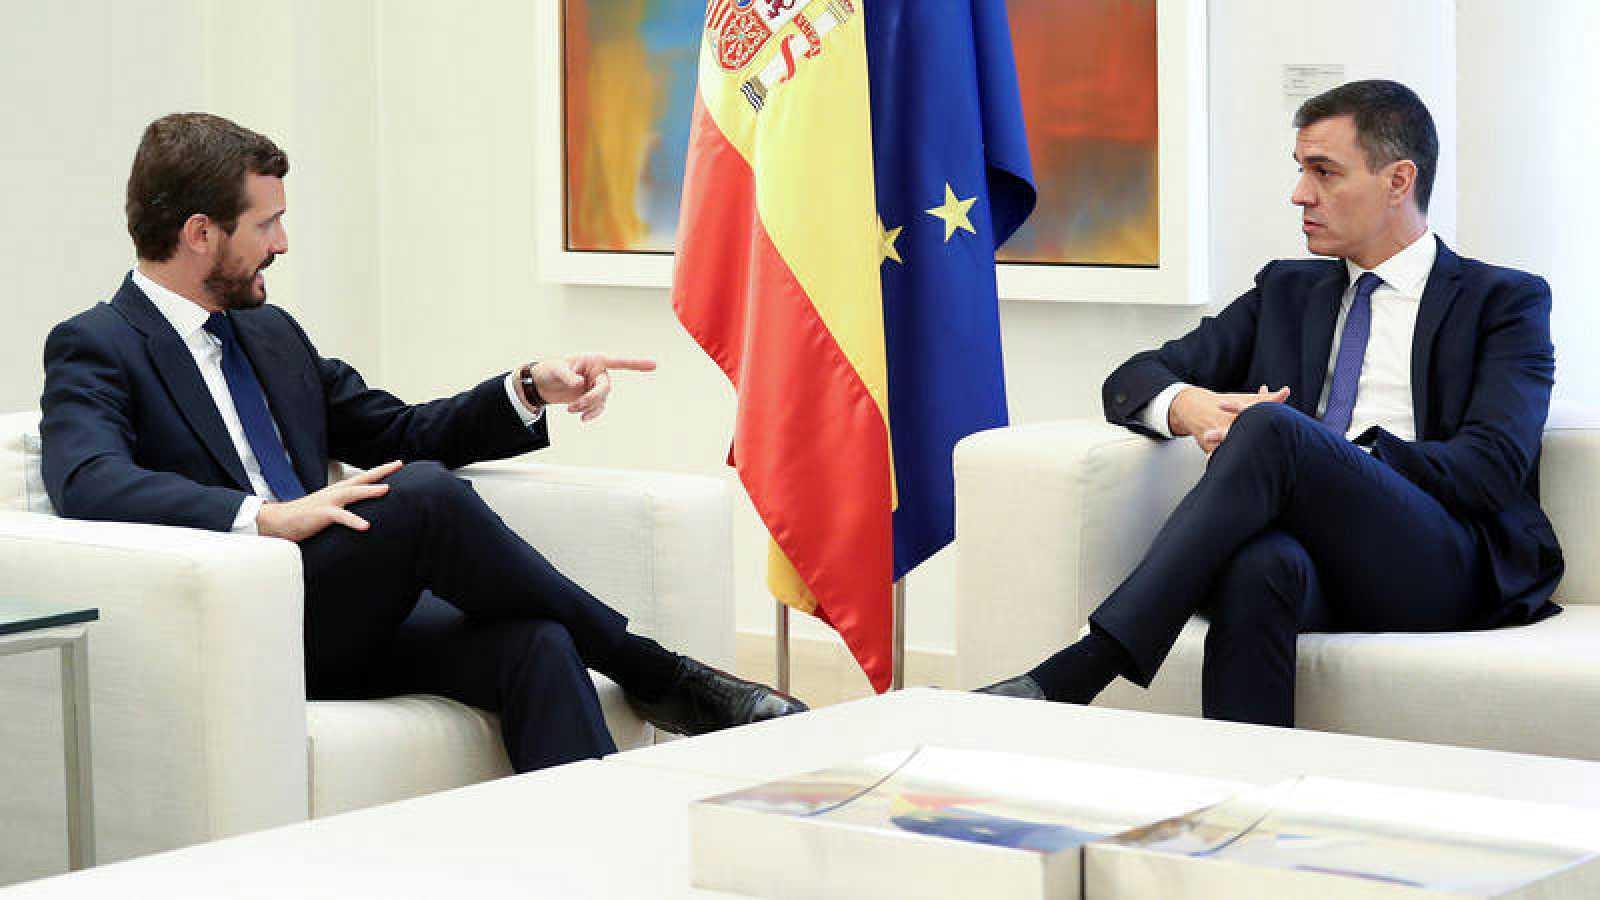 Resultado de imagen de Sánchez se reúne con Casado, Rivera e Iglesias tras los altercados en Cataluña